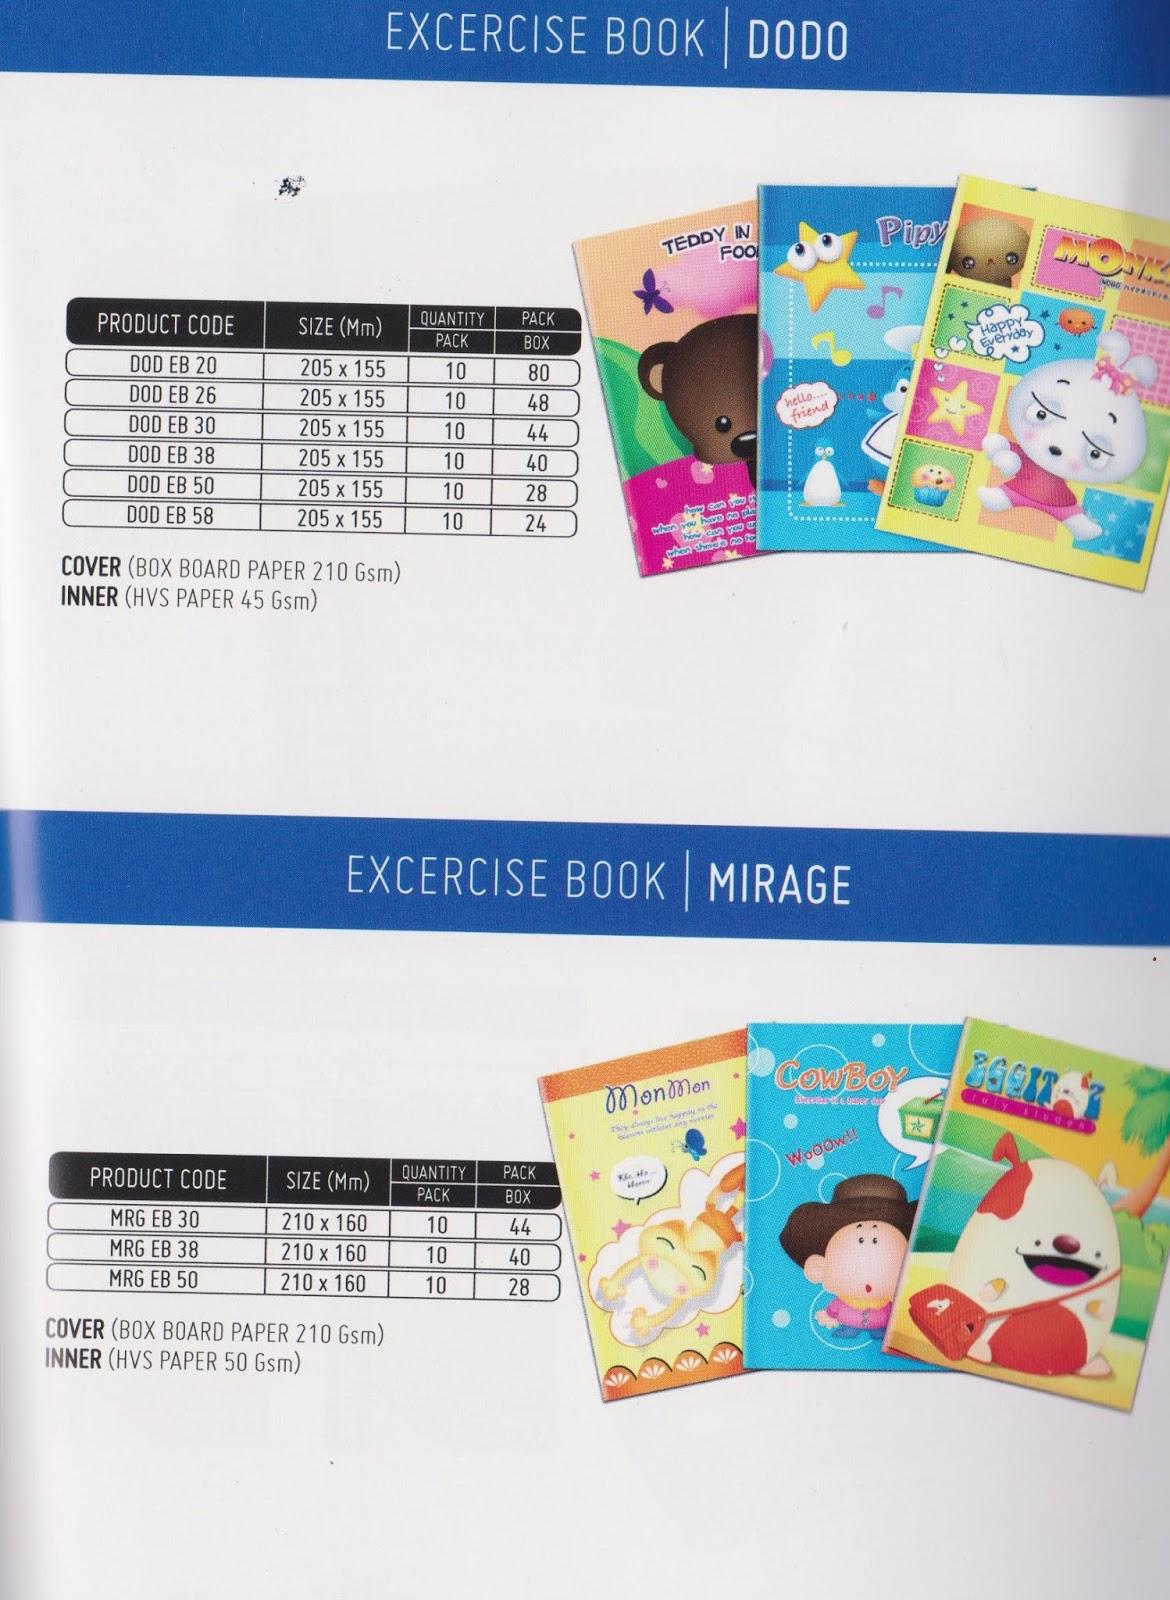 Jual Murah Paperone A4 Kertas Fotokopi 80 G Box Terbaru 2018 Paper One Hvs Gsm 1 Ream Distributor Sinar Dunia Dan Stationery